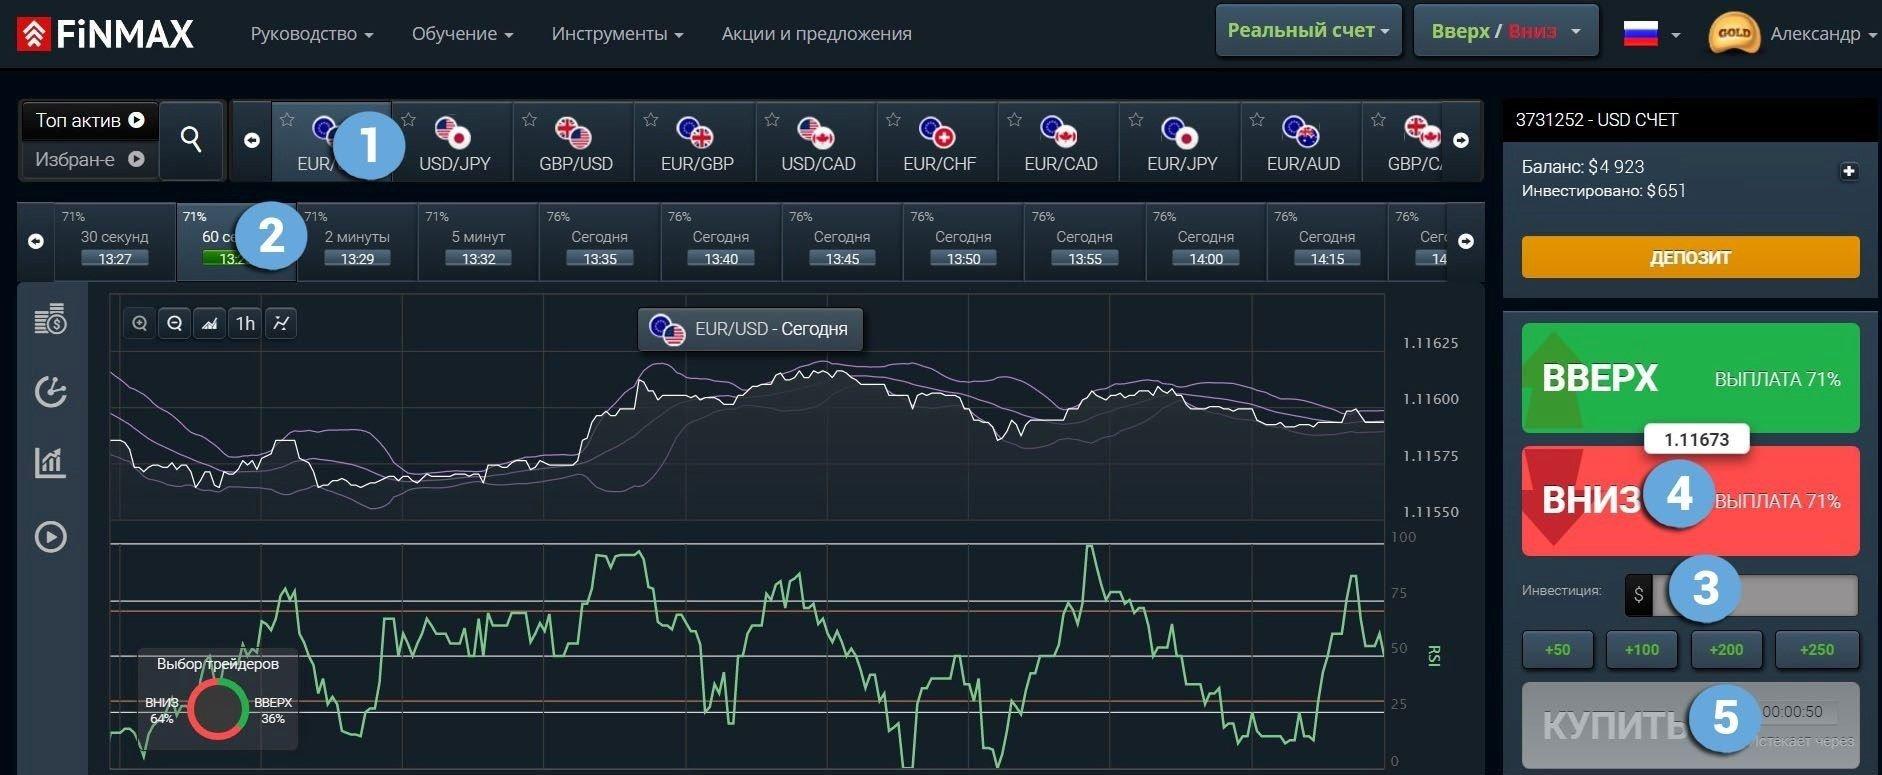 Возможности восходящего тренда цены у надежного брокера Finmax